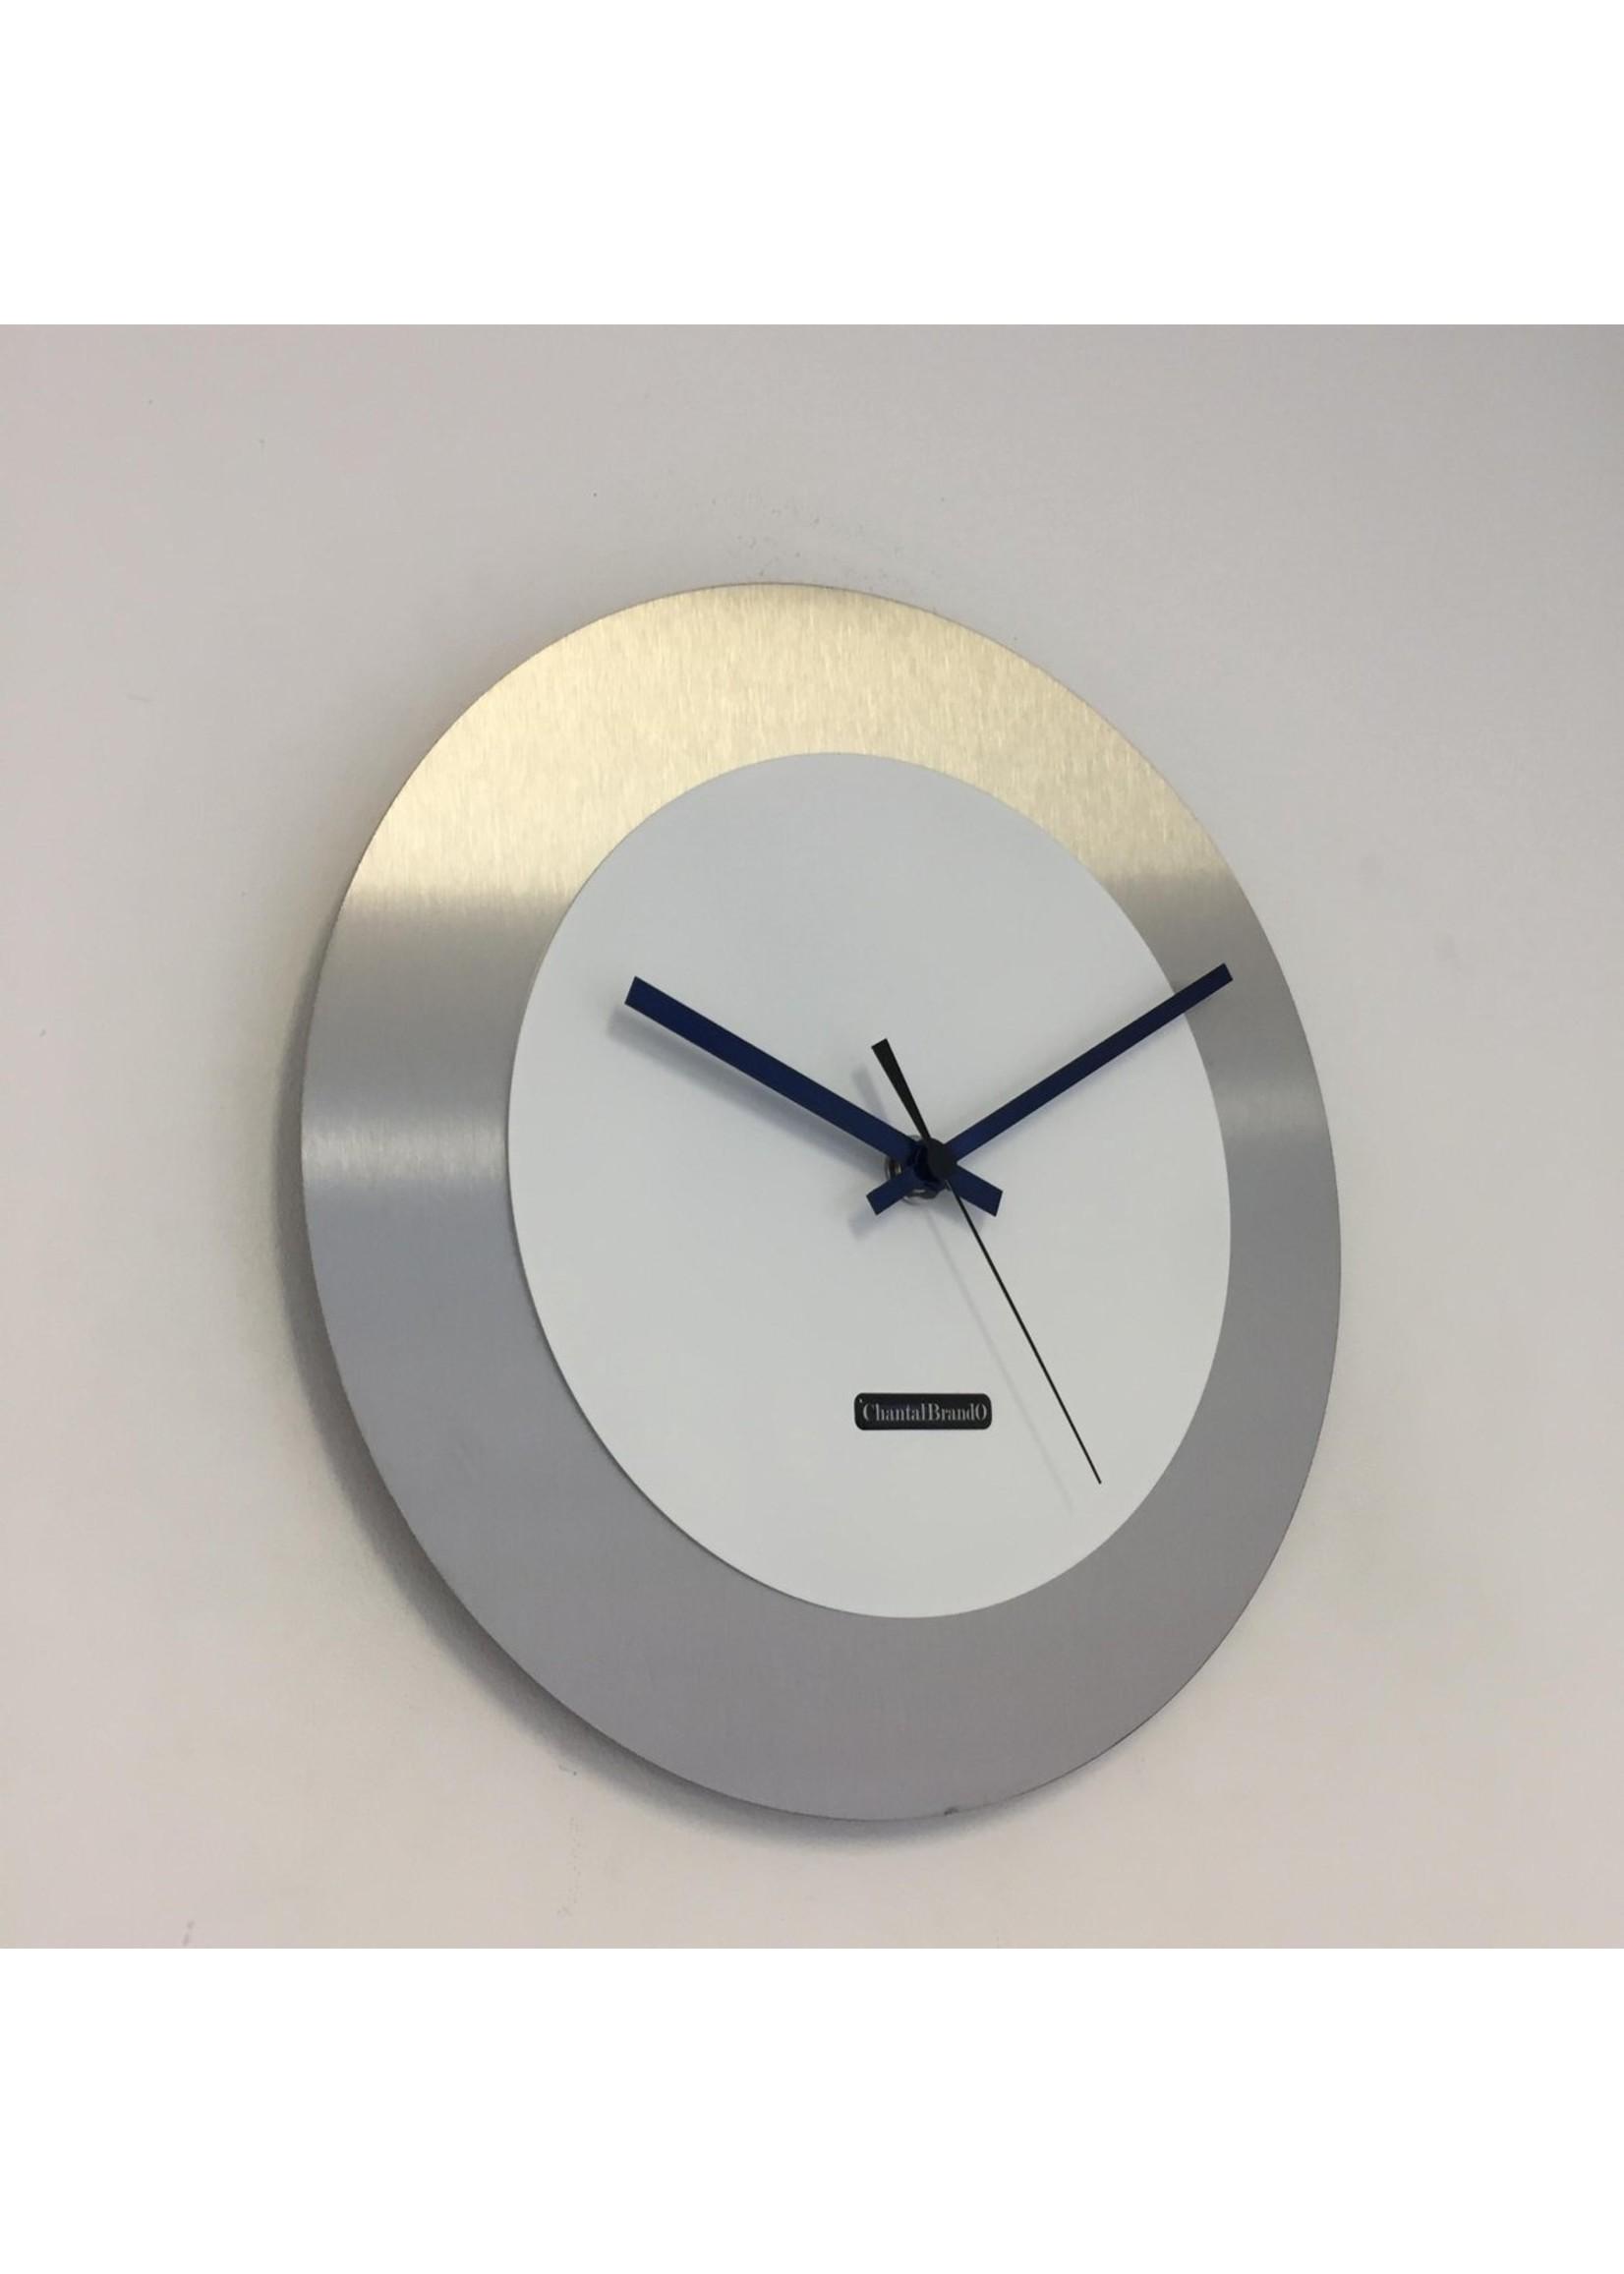 ChantalBrandO WANDKLOK - Stil uurwerk – Handgemaakt – CHANTALBRANDO FIRENZE BLACK24 & BLUE POINTERS -- MODERN DESIGN